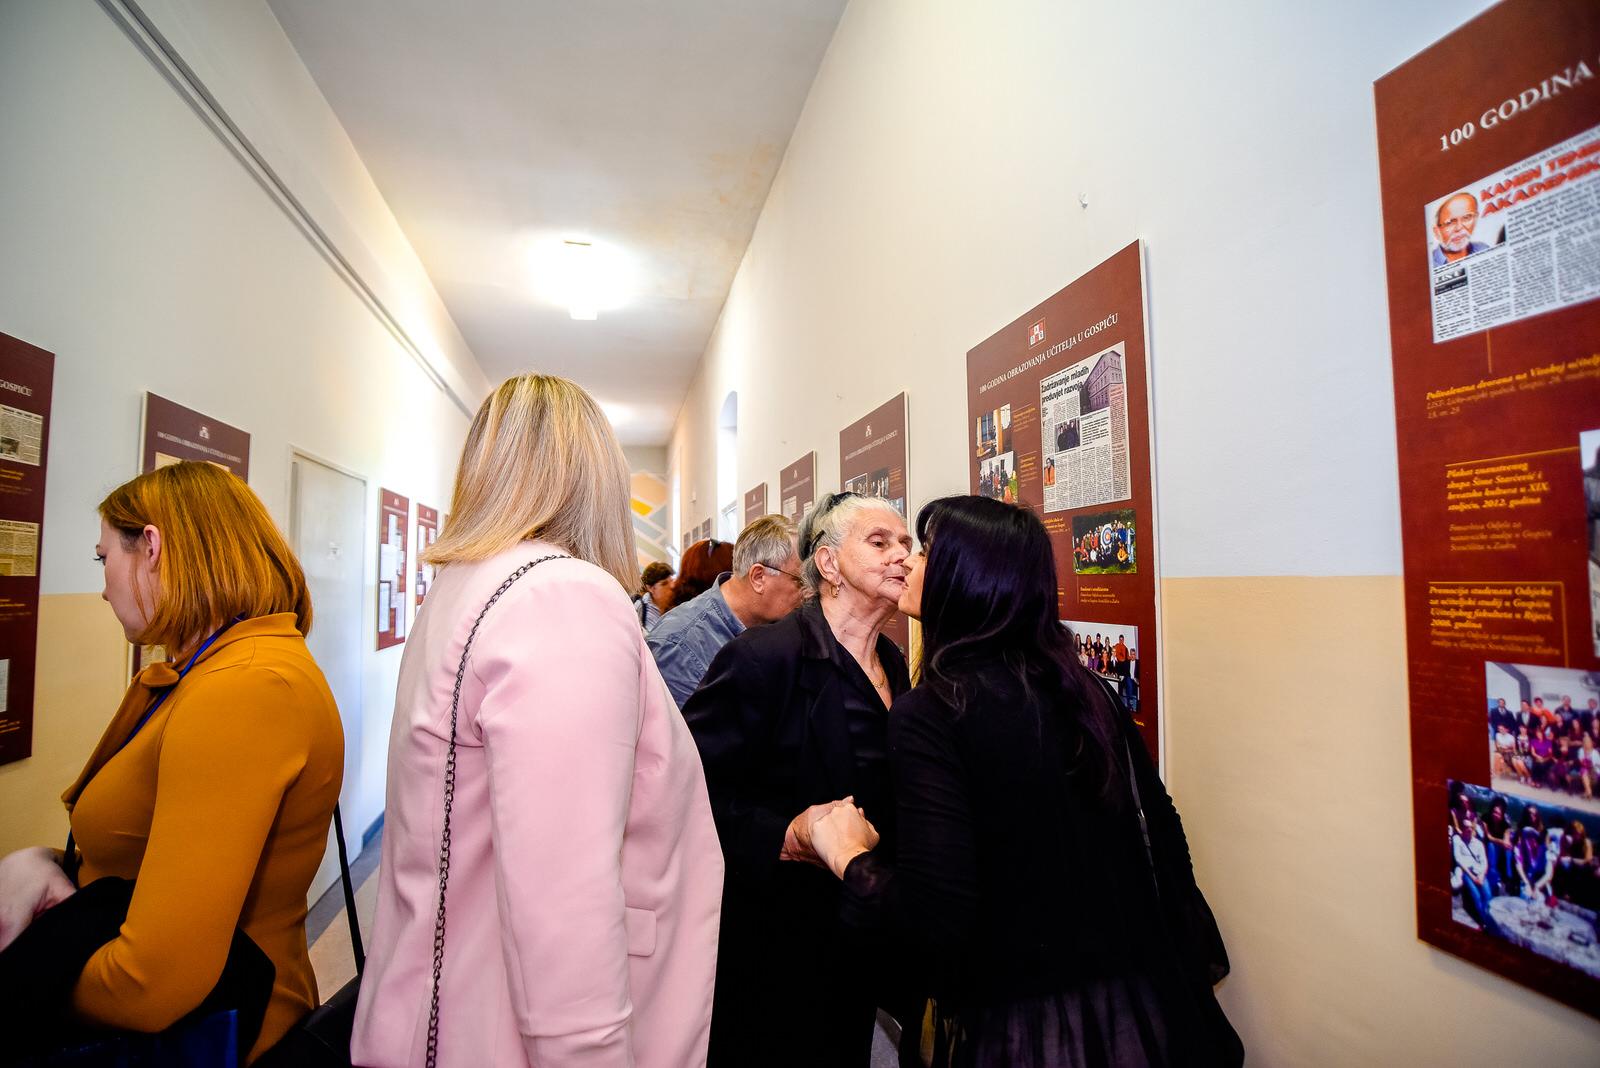 likaclub_gospić_100-godina-obrazovanja-učitelja-u-gospiću_2019-9